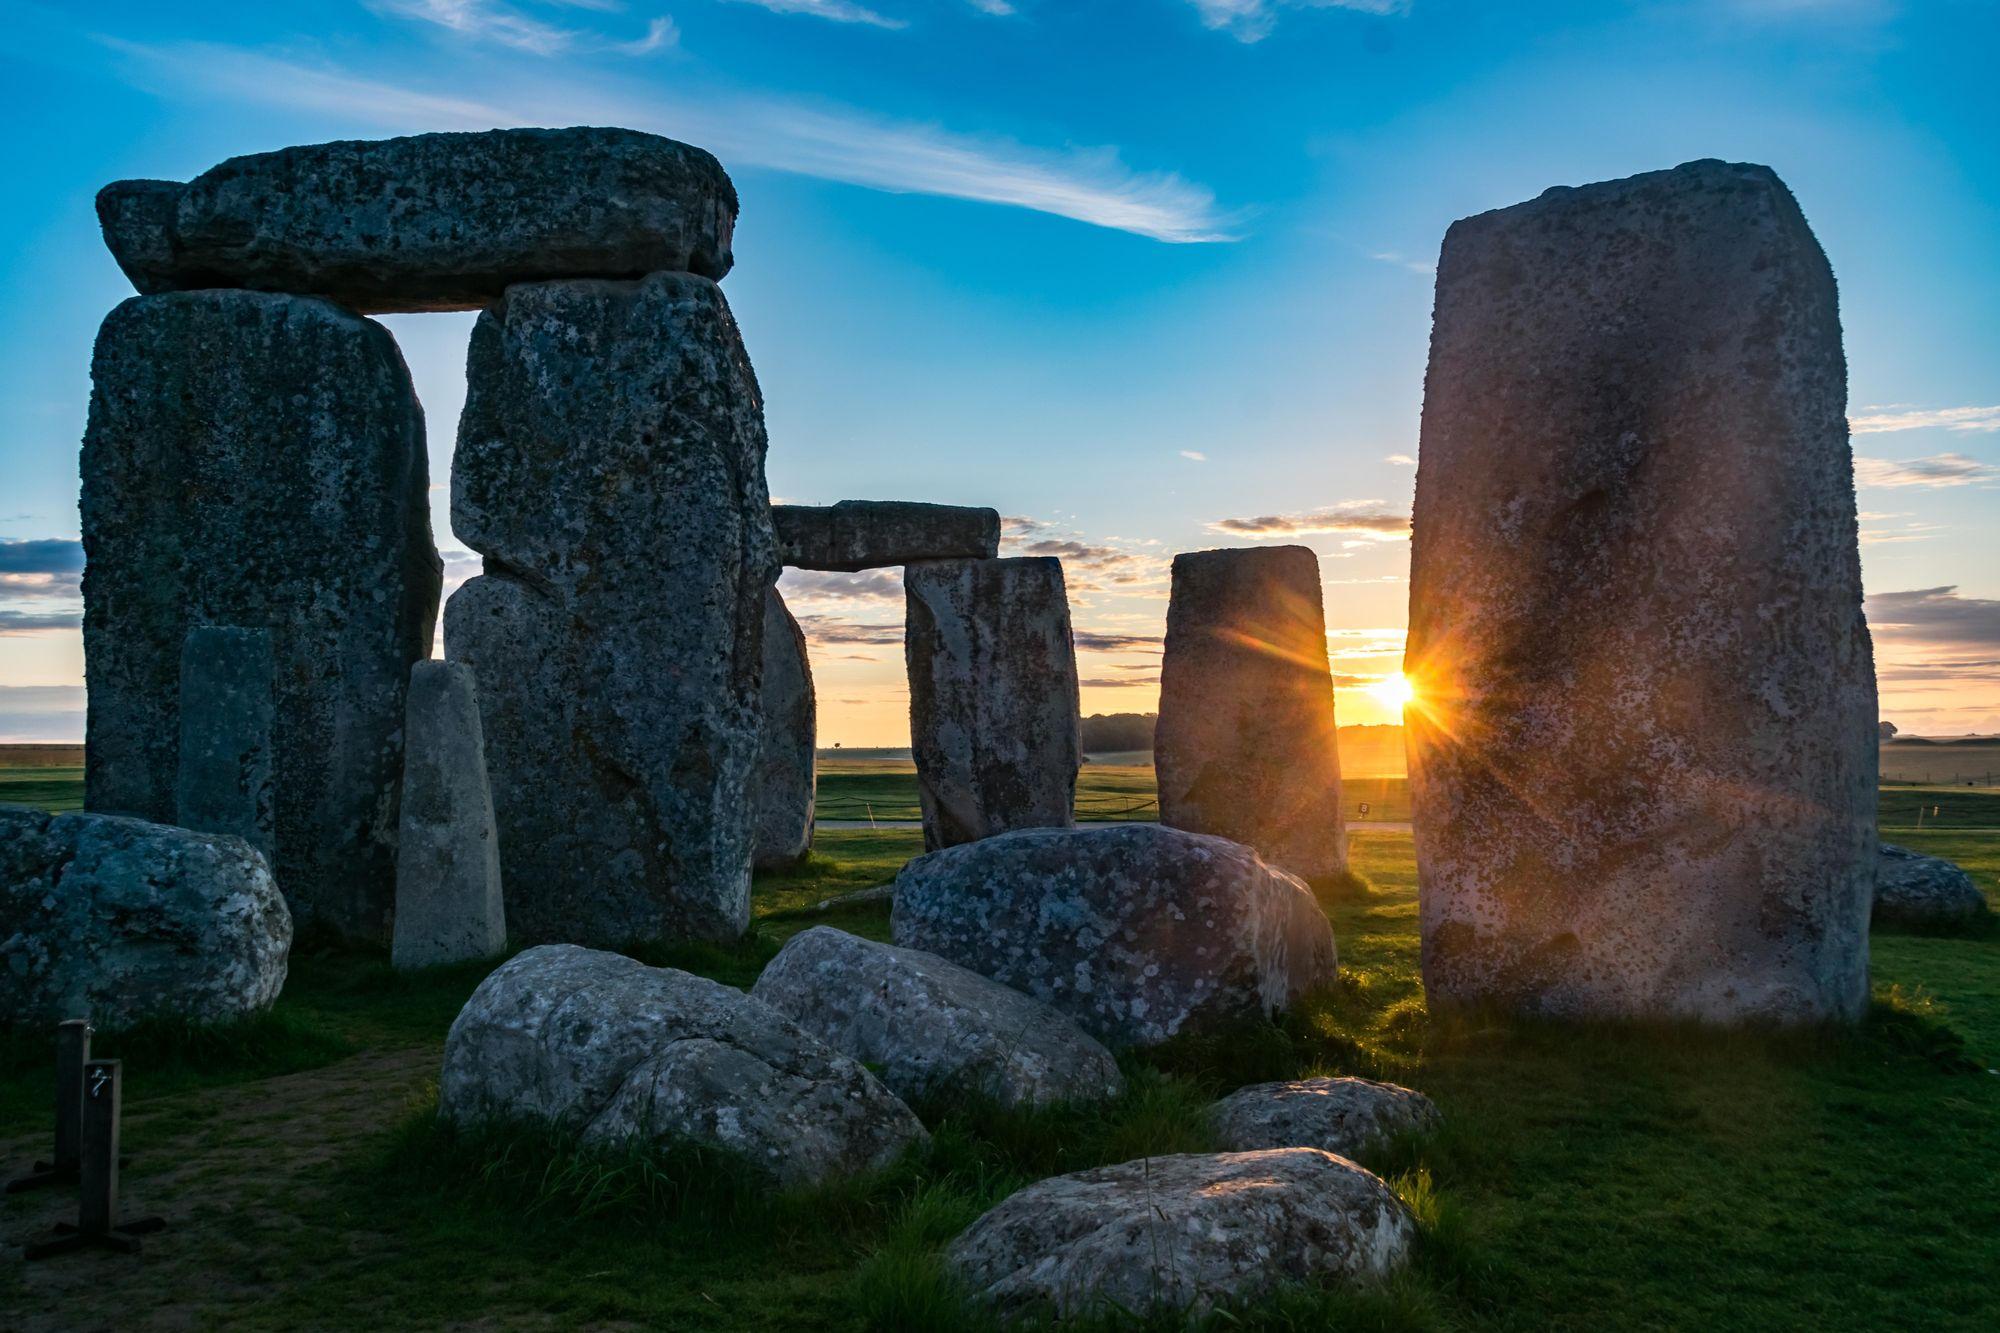 Il solstizio d'inverno 2020 è alle 11:02 del 21 dicembre